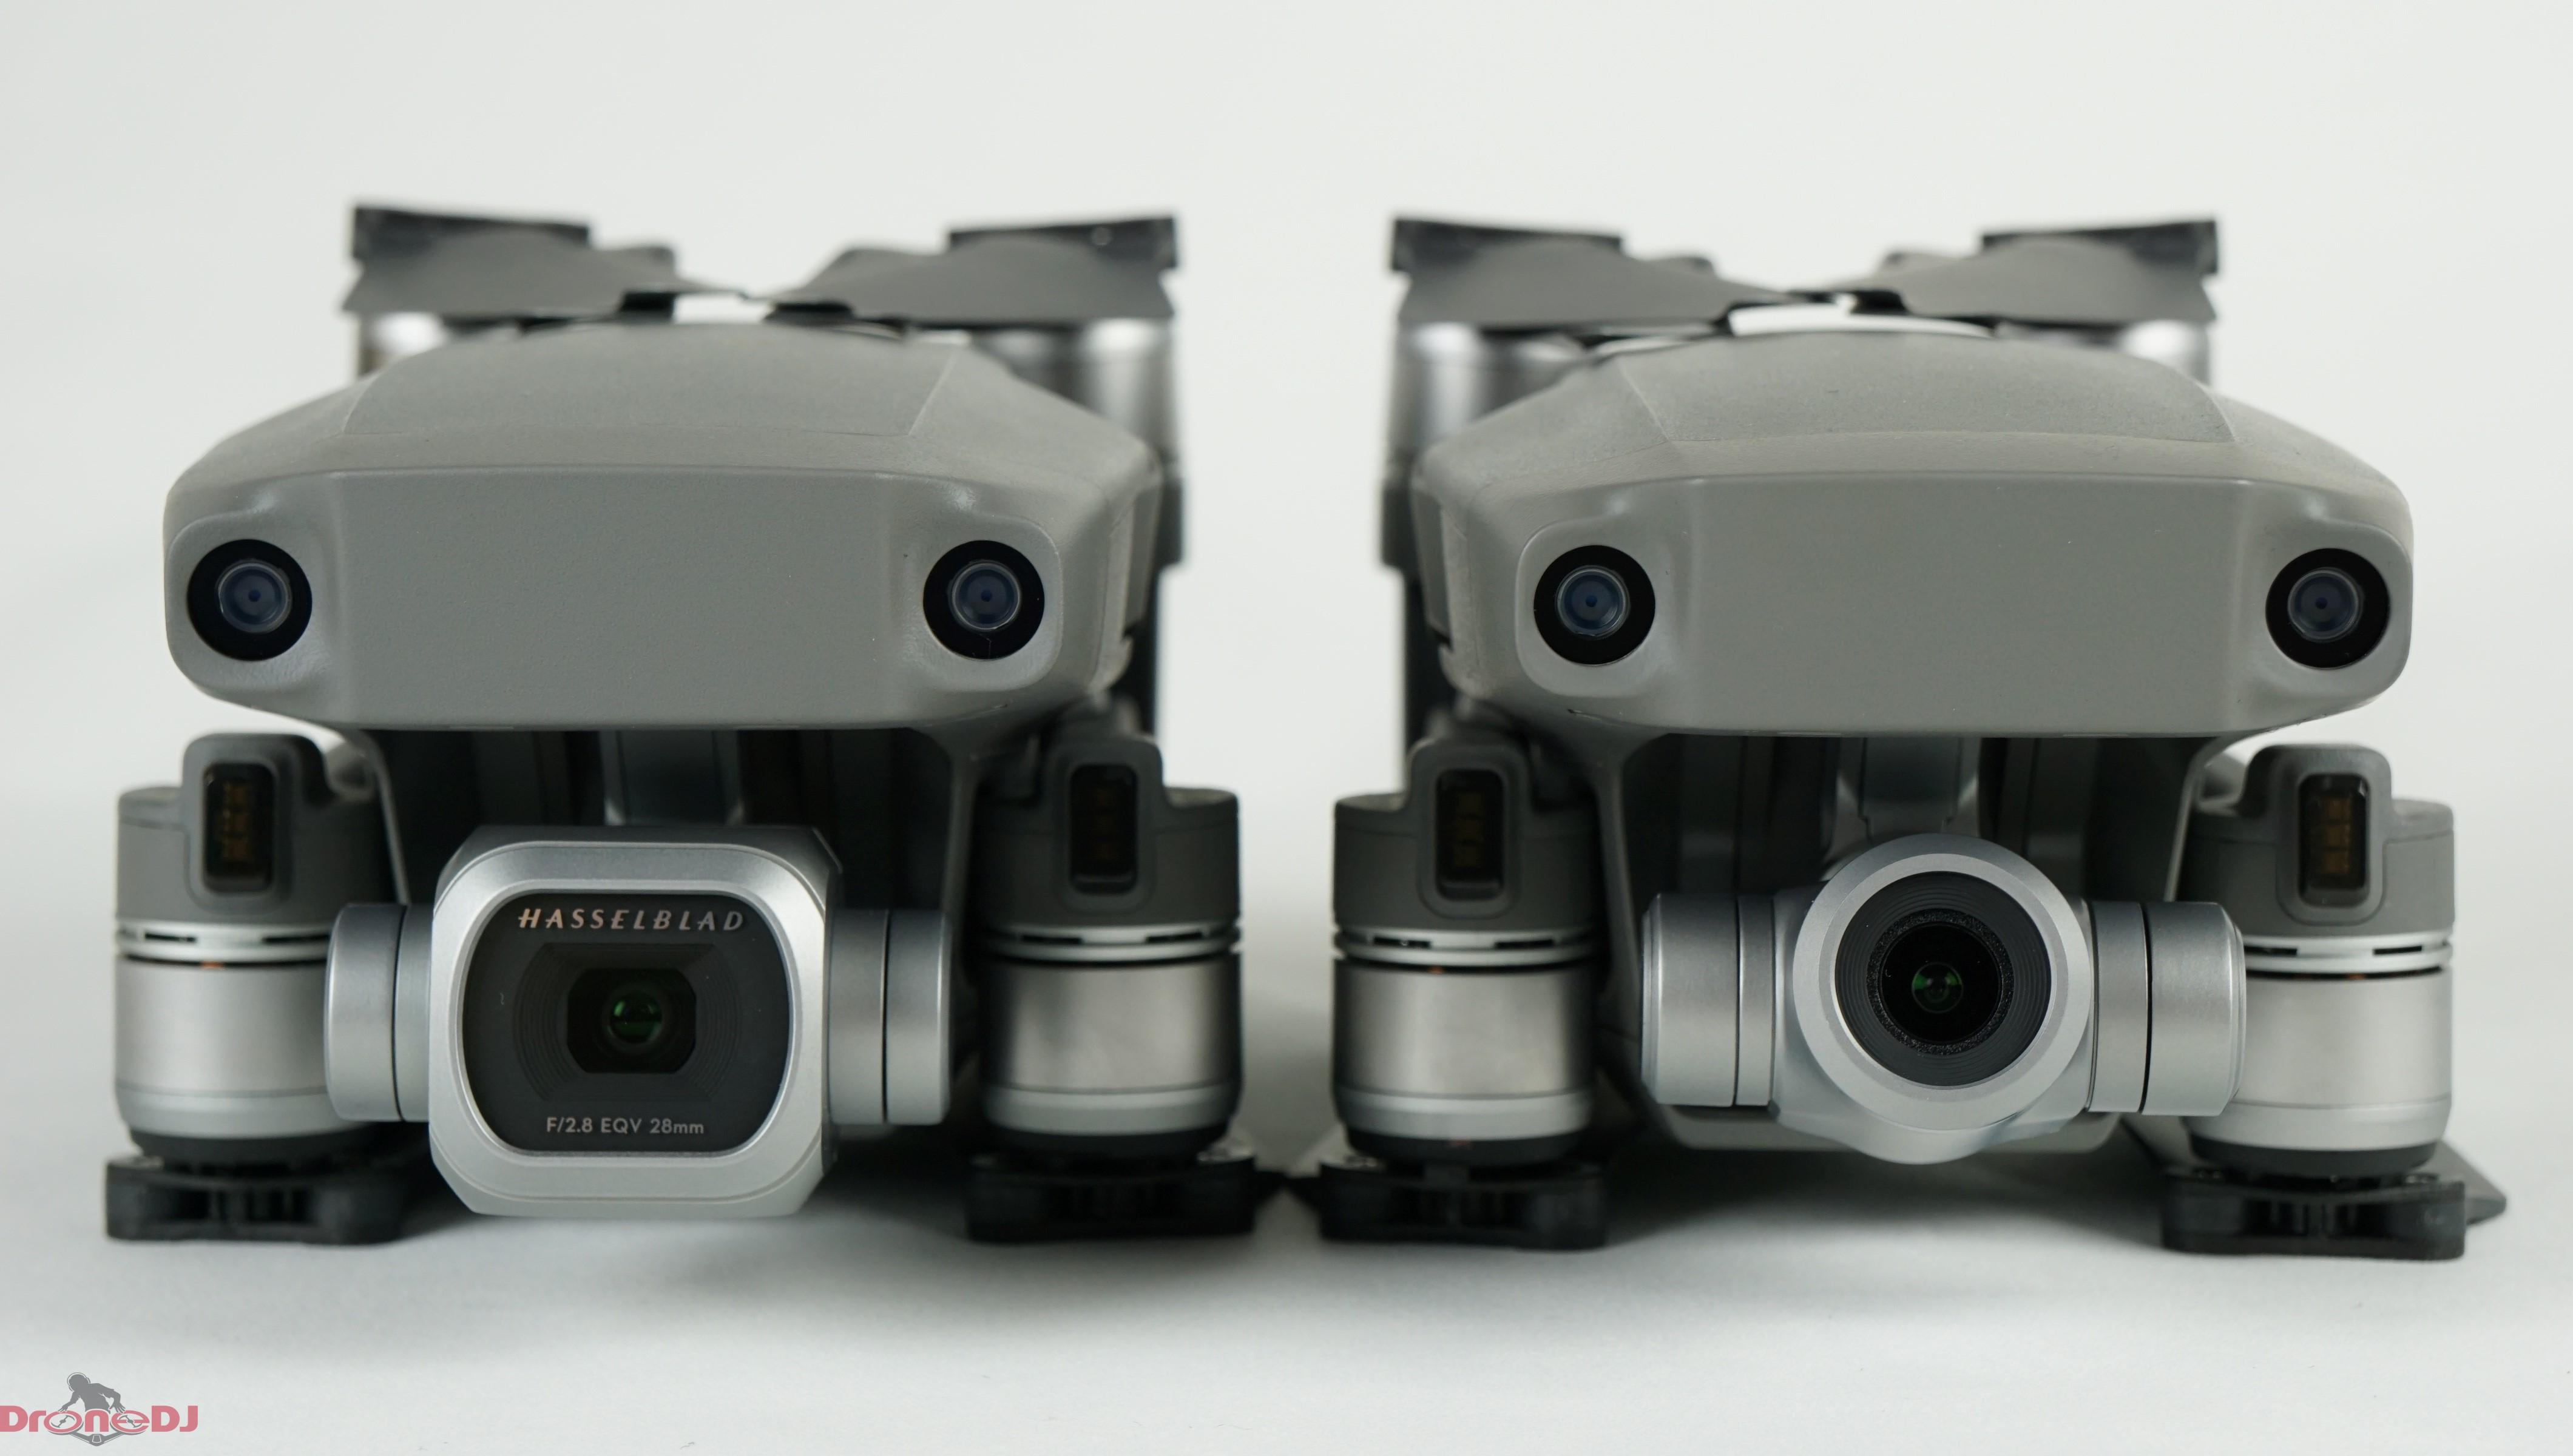 mavic 2 zoom camera